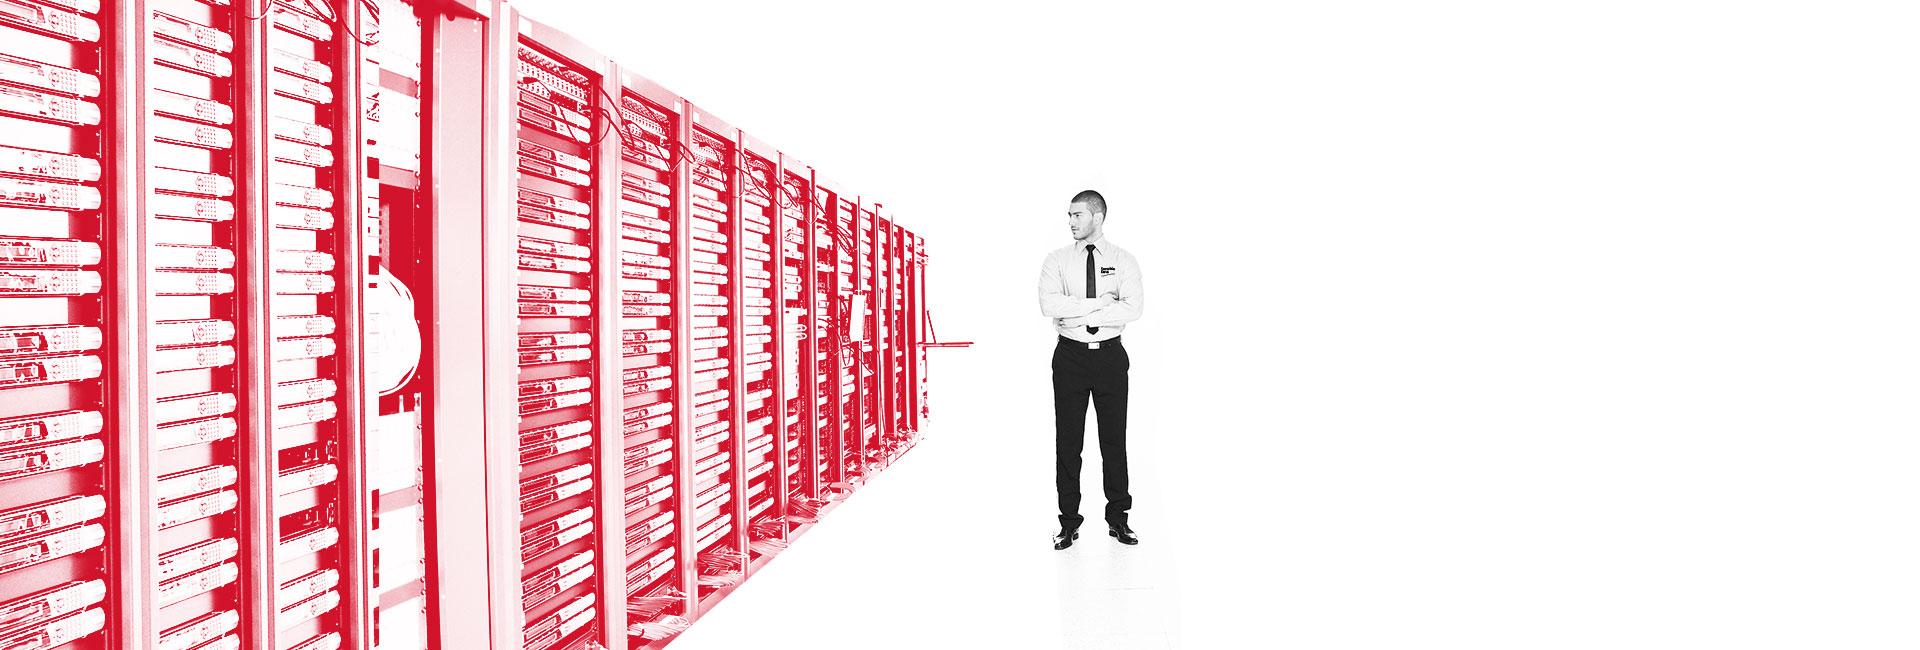 Servizi completi di consulenza per la realizzazione di reti aziendali